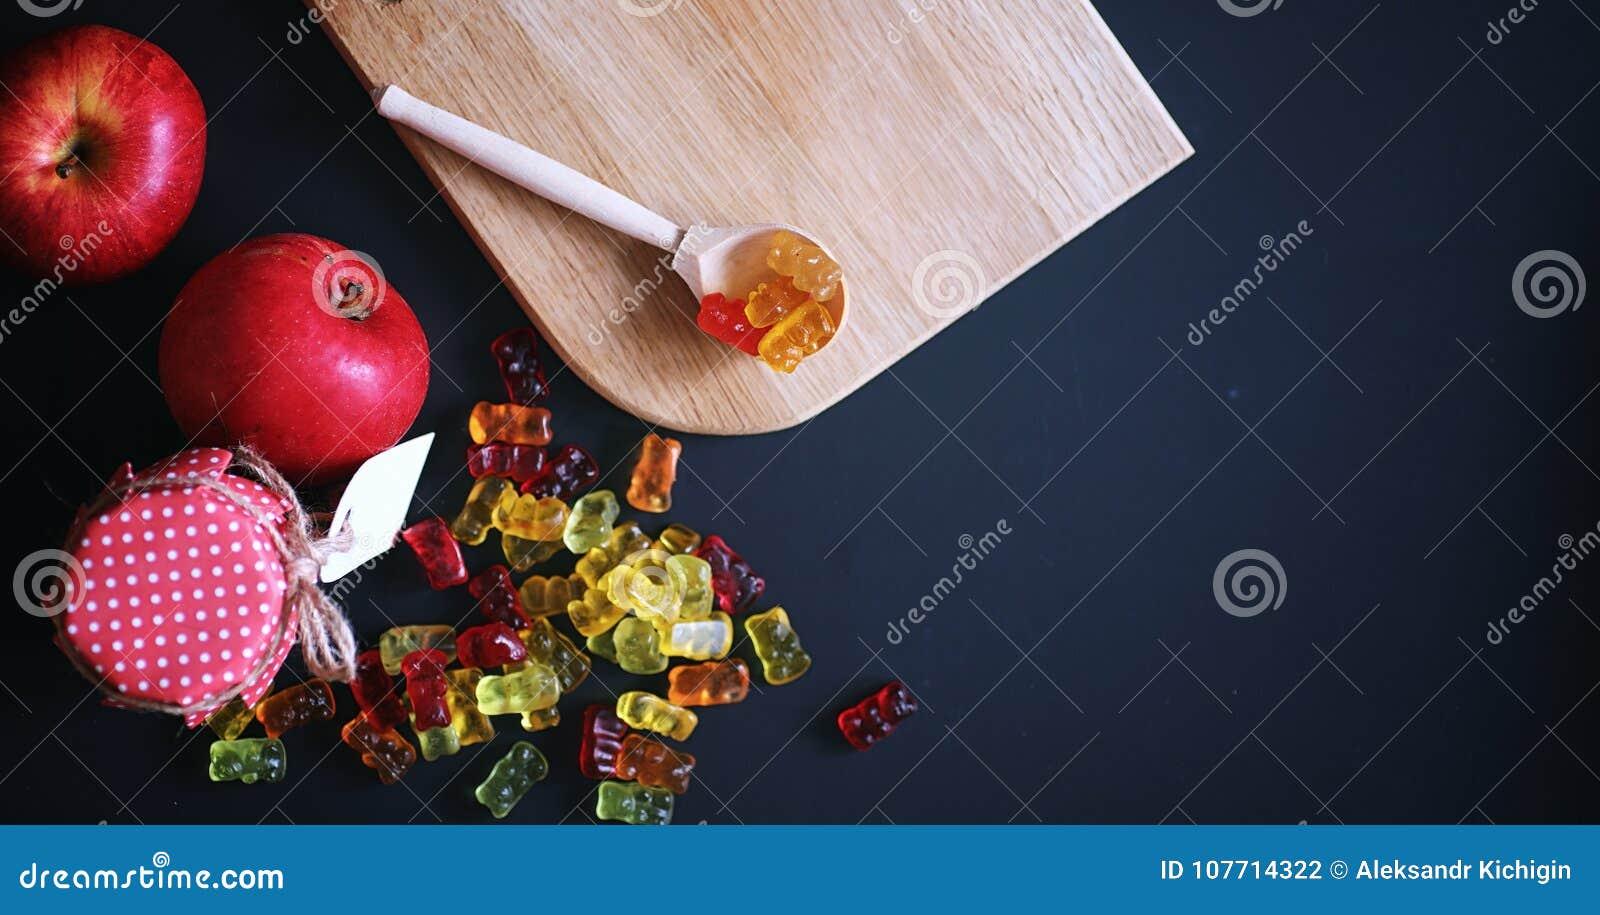 Marmelade in een vaas op de lijst Snoepjes in een kom op zwarte bedelaars